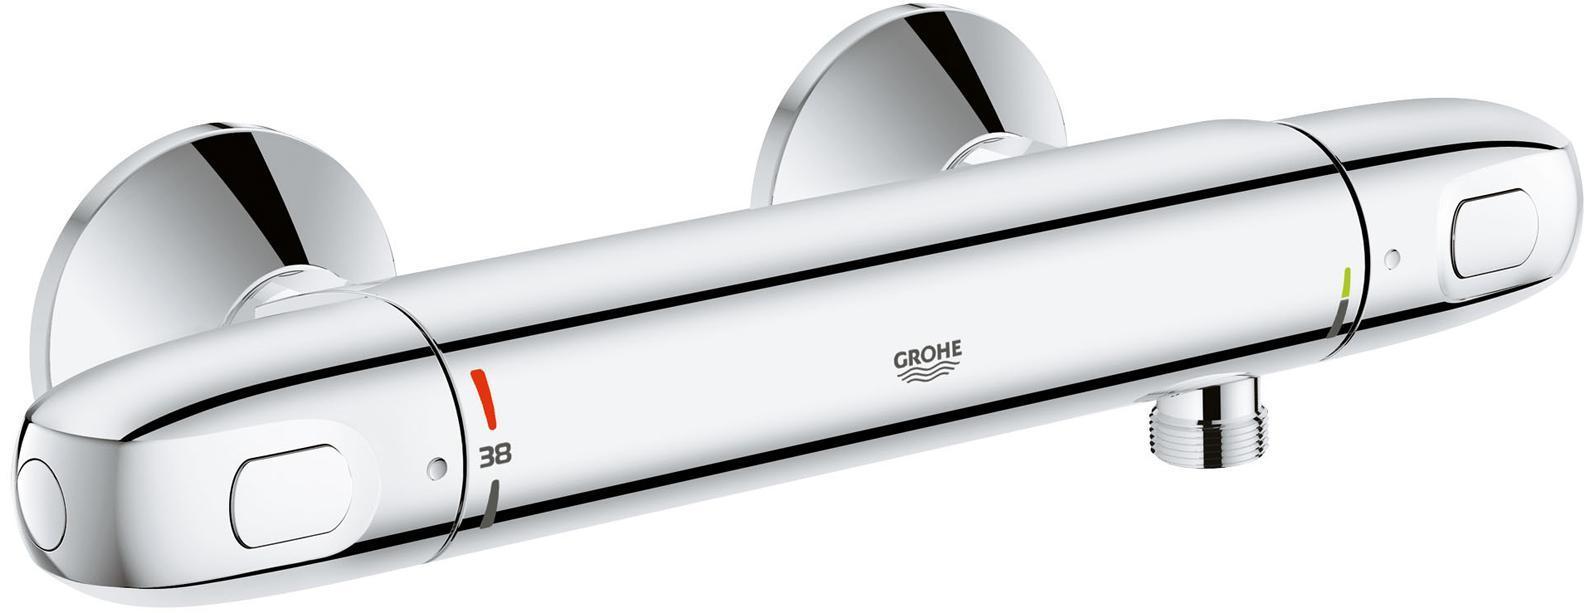 Термостат для душа GROHE Grohterm 1000 New, хром68/5/3GROHE Grohtherm 1000 New: душевой термостат с технологией GROHE CoolTouch, надежно обеспечивающий комфорт в ванной комнатеПриходилось ли Вам испытывать на себе это ощущение, когда при принятии душа вода внезапно становится ледяной из-за того, что кто-то включил воду на кухне? С этим смесителем для душа такое больше никогда не повторится! Благодаря встроенной технологии GROHE TurboStat, он будет надежно поддерживать заданную Вами температуру воды на протяжении всего купания. Механизм защиты от ошпаривания SafeStop не позволит установить температуру воды, превышающую 38°C, не нажав на специальную клавишу для разблокировки ограничителя. Технология GROHE CoolTouch предотвращает нагрев корпуса термостата. Переключатель EcoButton позволит при желании принимать душ в экономичном режиме расхода воды, способствуя сбережению природных ресурсов. Благодаря металлическим рукояткам эргономичной формы и глянцевому хромированному покрытию GROHE StarLight, данный термостат станет эффектным акцентом в оснащении Вашей ванной комнаты. Воспользовавшись имеющимися соединениями, подведенными к поверхности стены, Вы сможете быстро установить и подготовить термостат к работе.Особенности:Настенный монтаж GROHE CoolTouch безопасный корпус GROHE StarLight хромированная поверхностьGROHE TurboStat встроенный термоэлемент GROHE MetalGrip эргономичная металлическая рукоятка Стопор безопасности при 38°C GROHE EcoJoy - технология совершенного потока при уменьшенном расходе водыРукоятка расхода с экономичной кнопкой GROHE EcoButtonИ индивидуально устанавливаемым стопором Встроенный стопор смешанной воды Керамический вентиль 1/2?, 180°Отвод для душа снизу 1/2? Встроенные обратные клапаны Грязеулавливающие фильтры Скрытые S-образные эксцентрики Металлическая розетка С защитой от обратного потока Опция: рукоятка для ограничения температуры до 43°C (47 973 000)Рекомендованное минимальное давление 1.0 барВидео по установке является исключительно информ